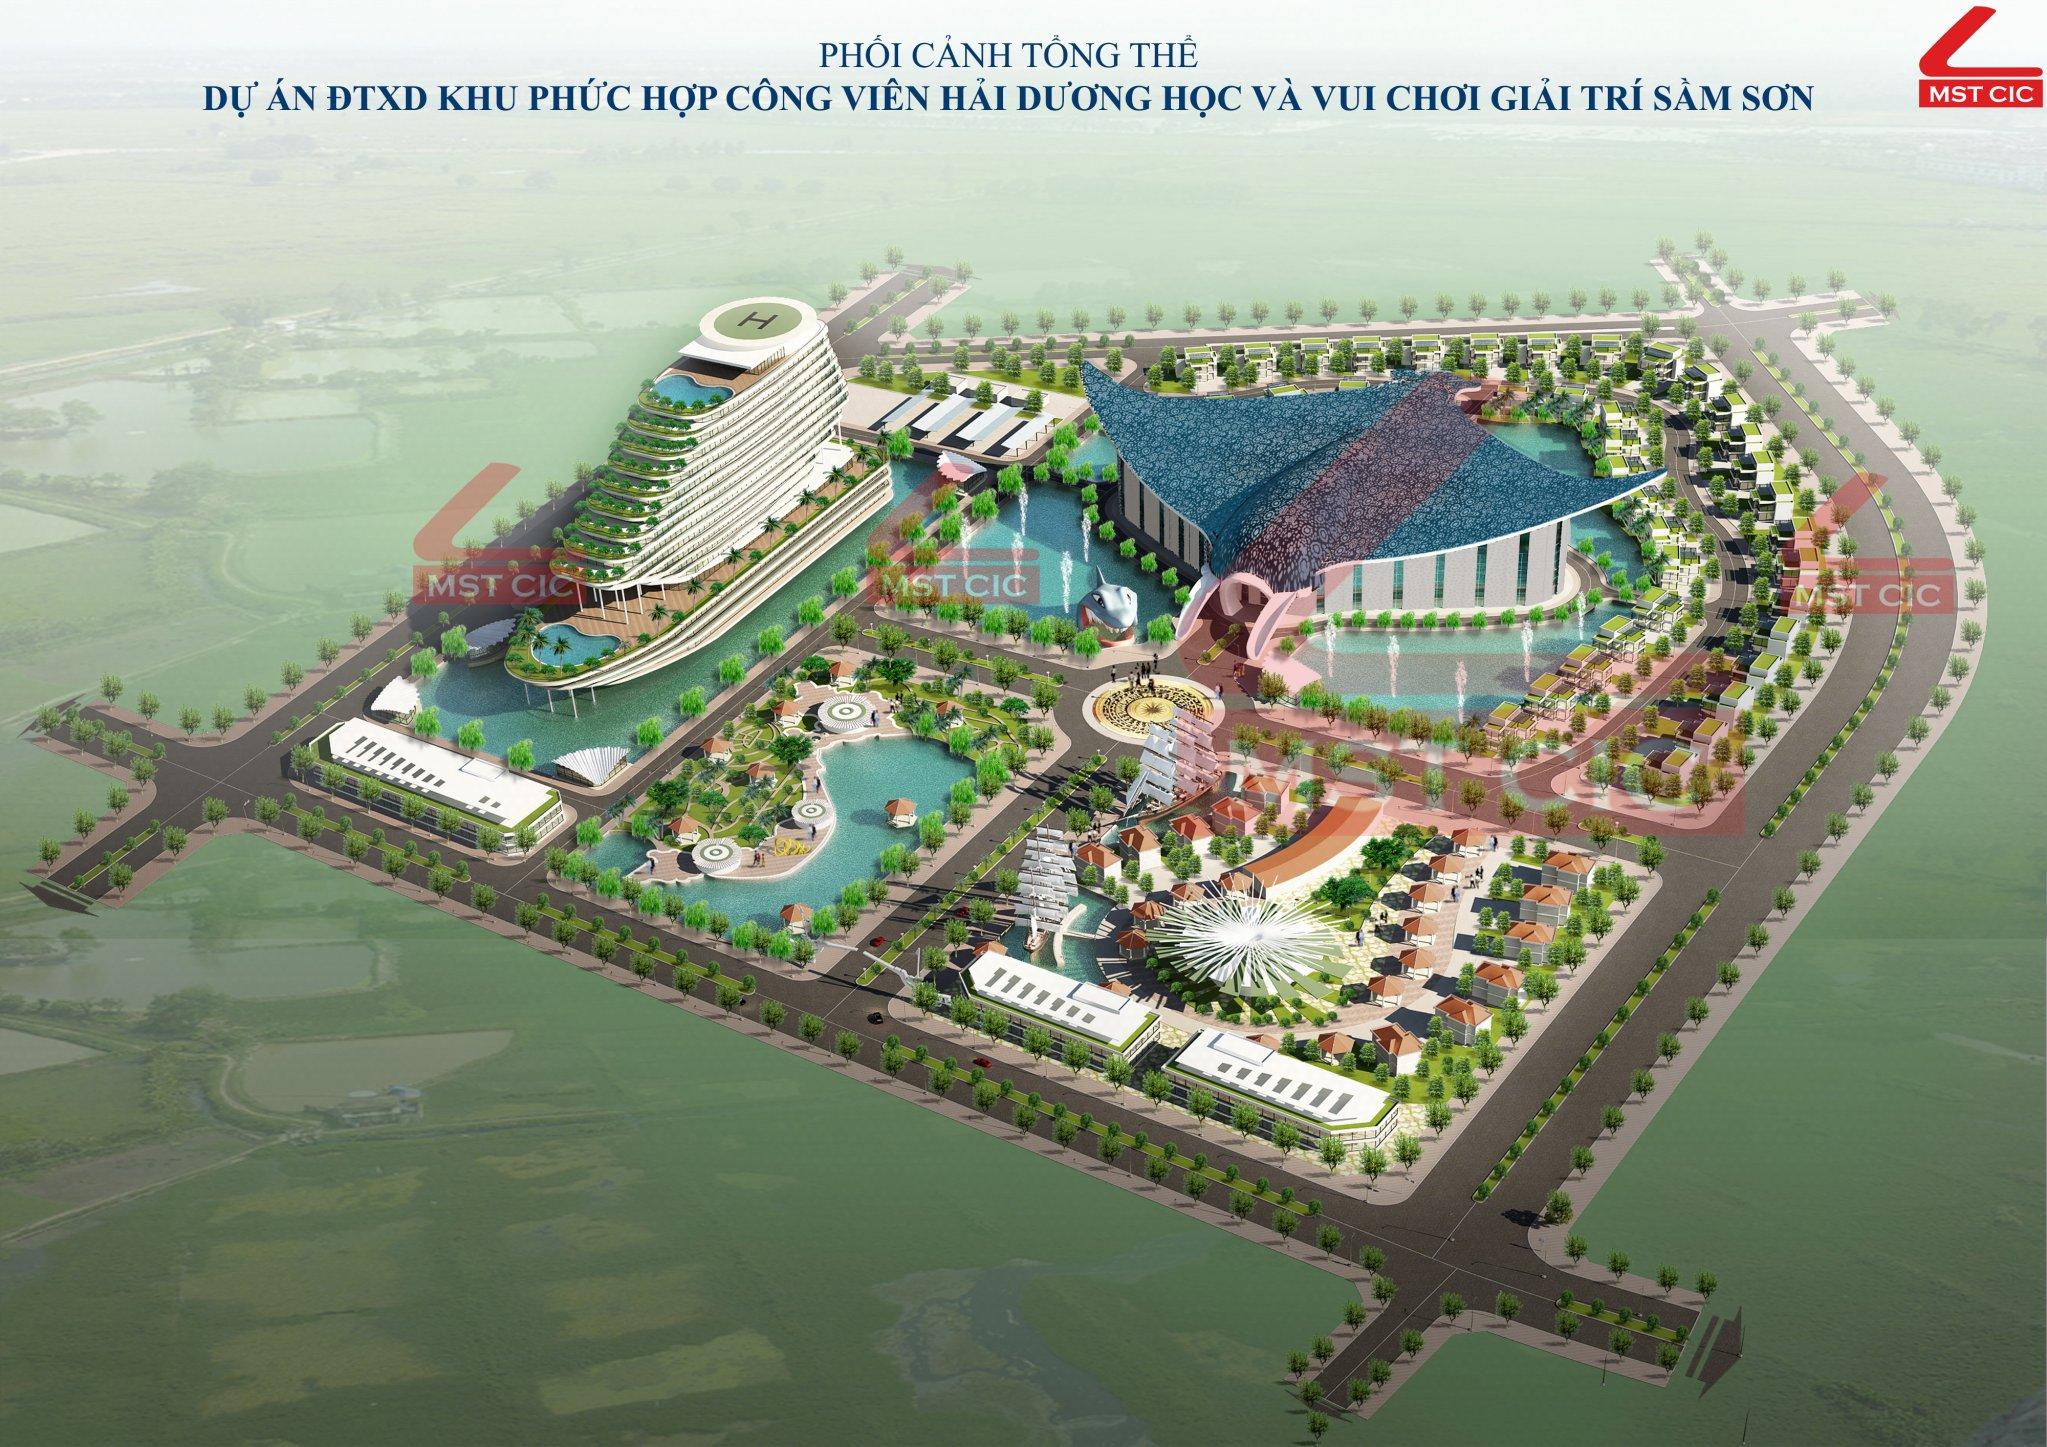 Dự án Khu phức hợp công viên Hải dương học và vui chơi giải trí Sầm Sơn